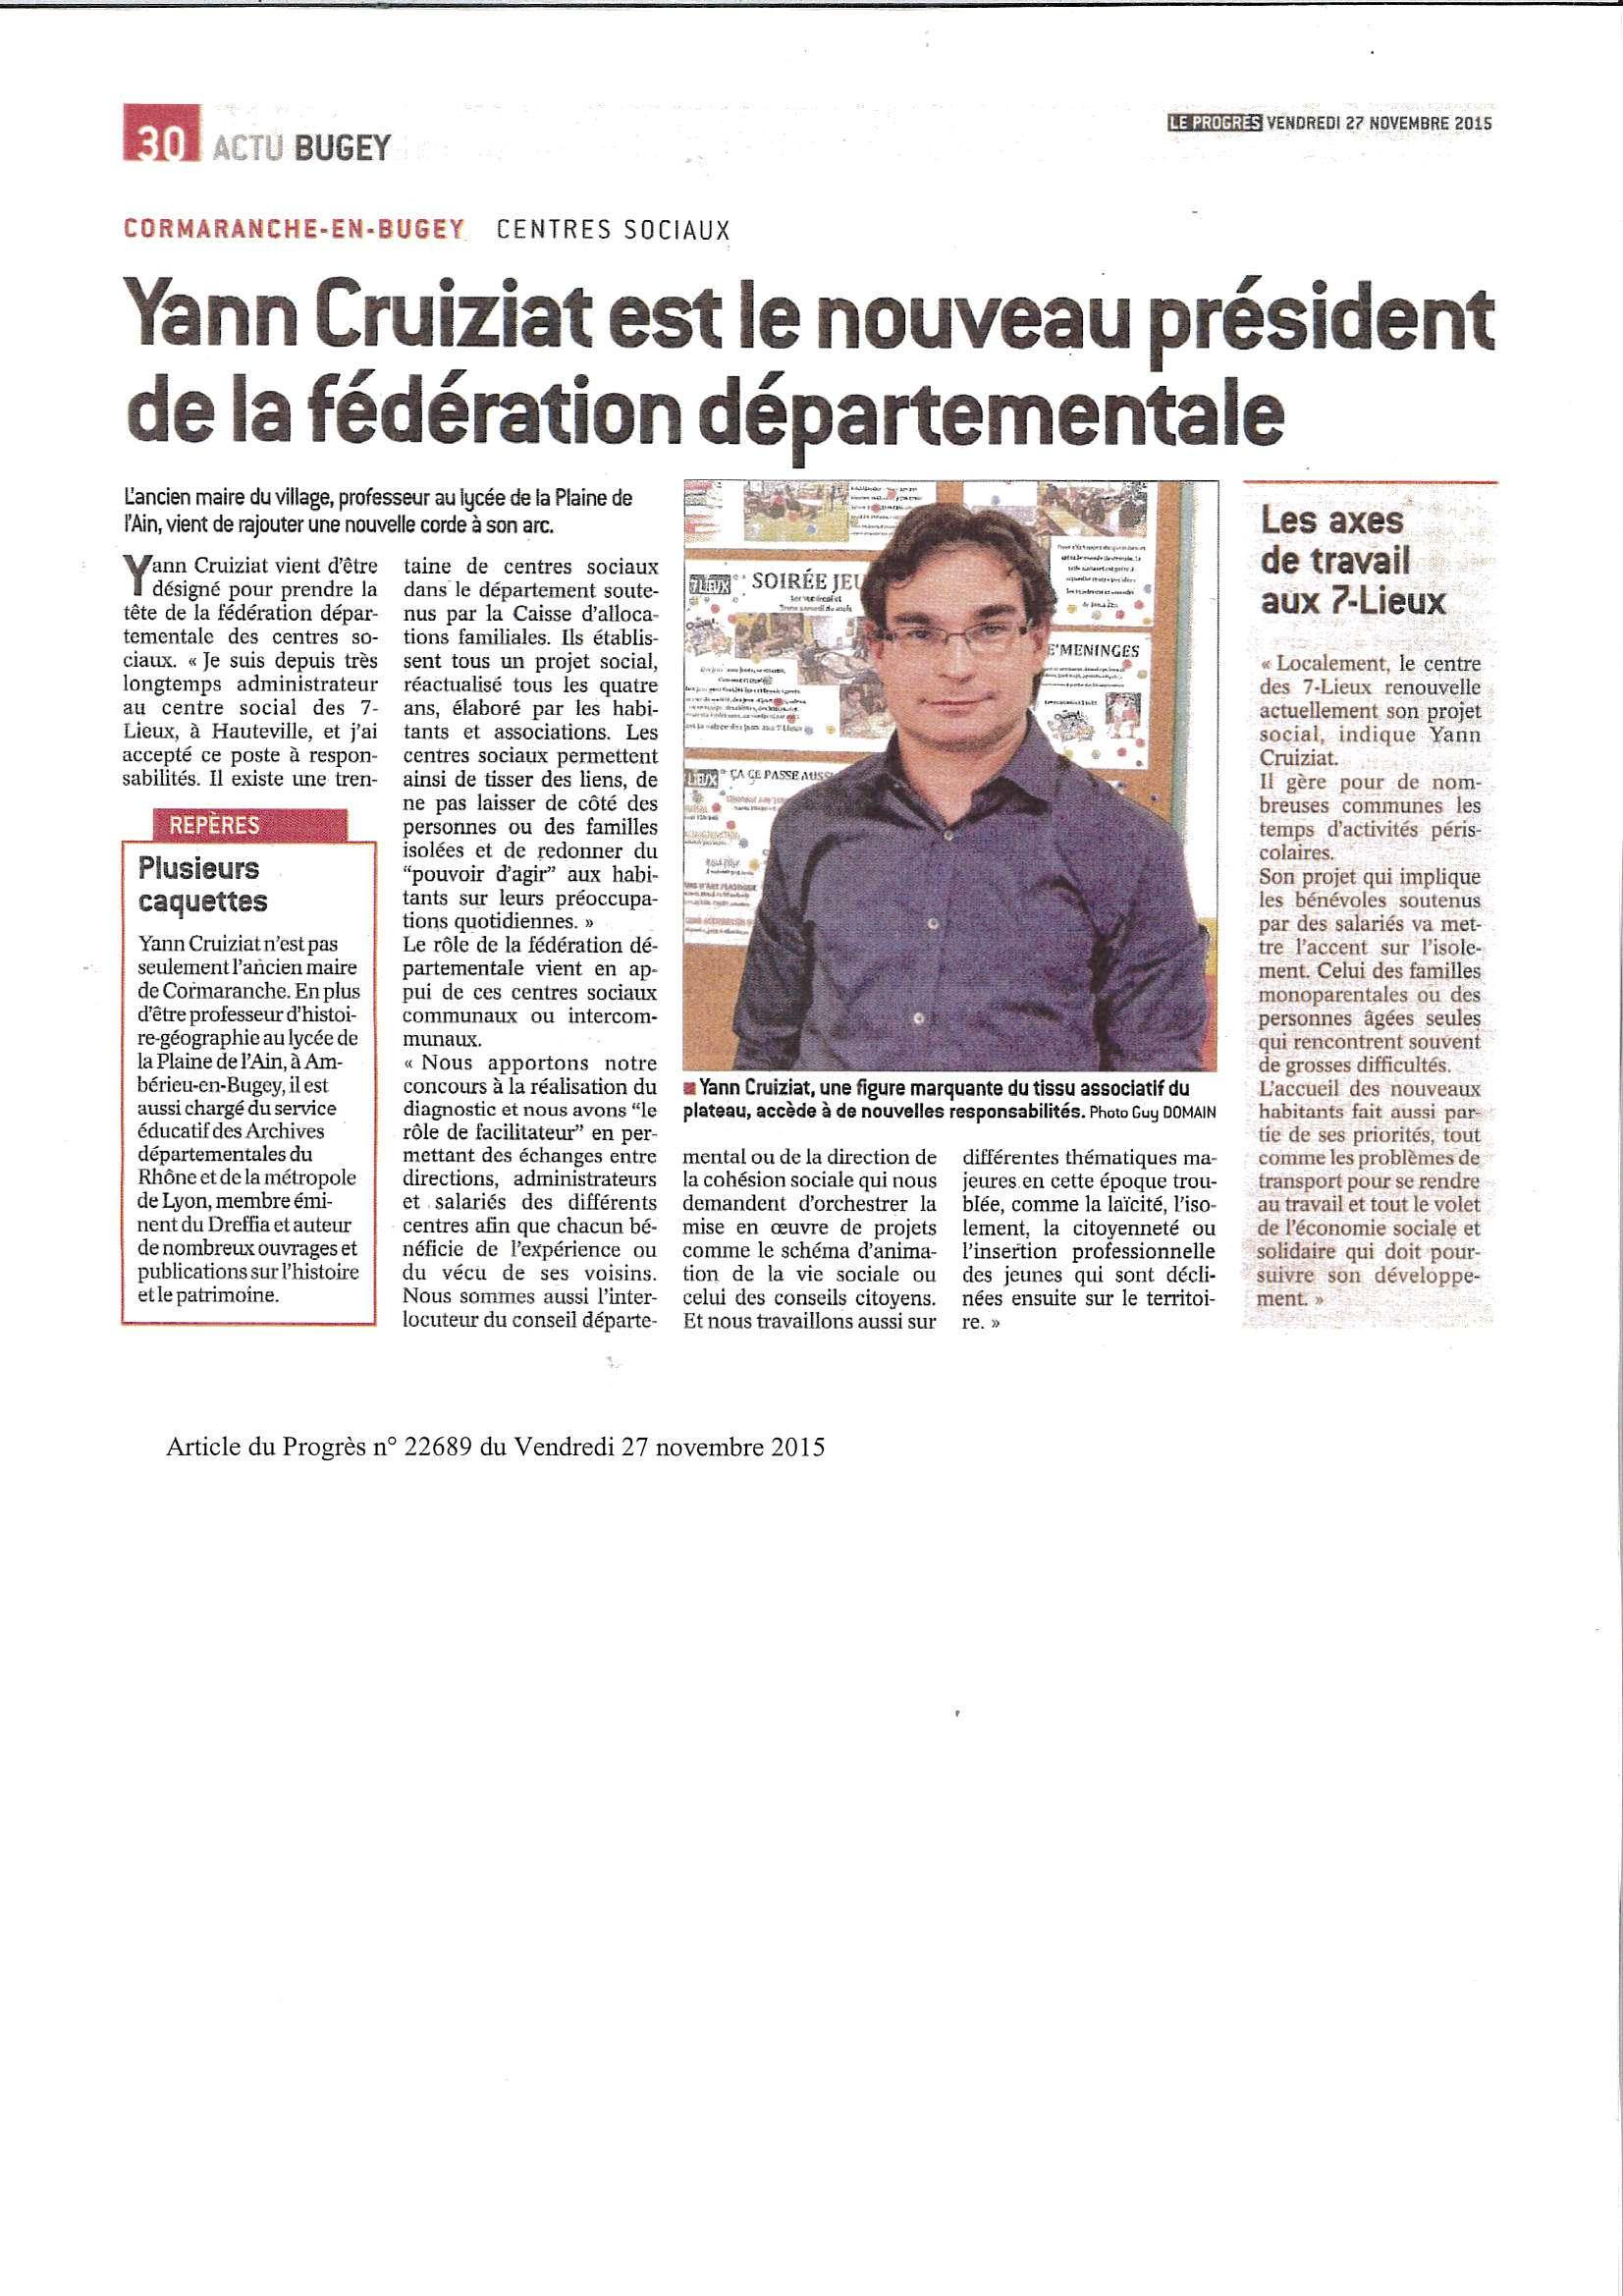 Yann Cruiziat nouveau président de la fédération départementale